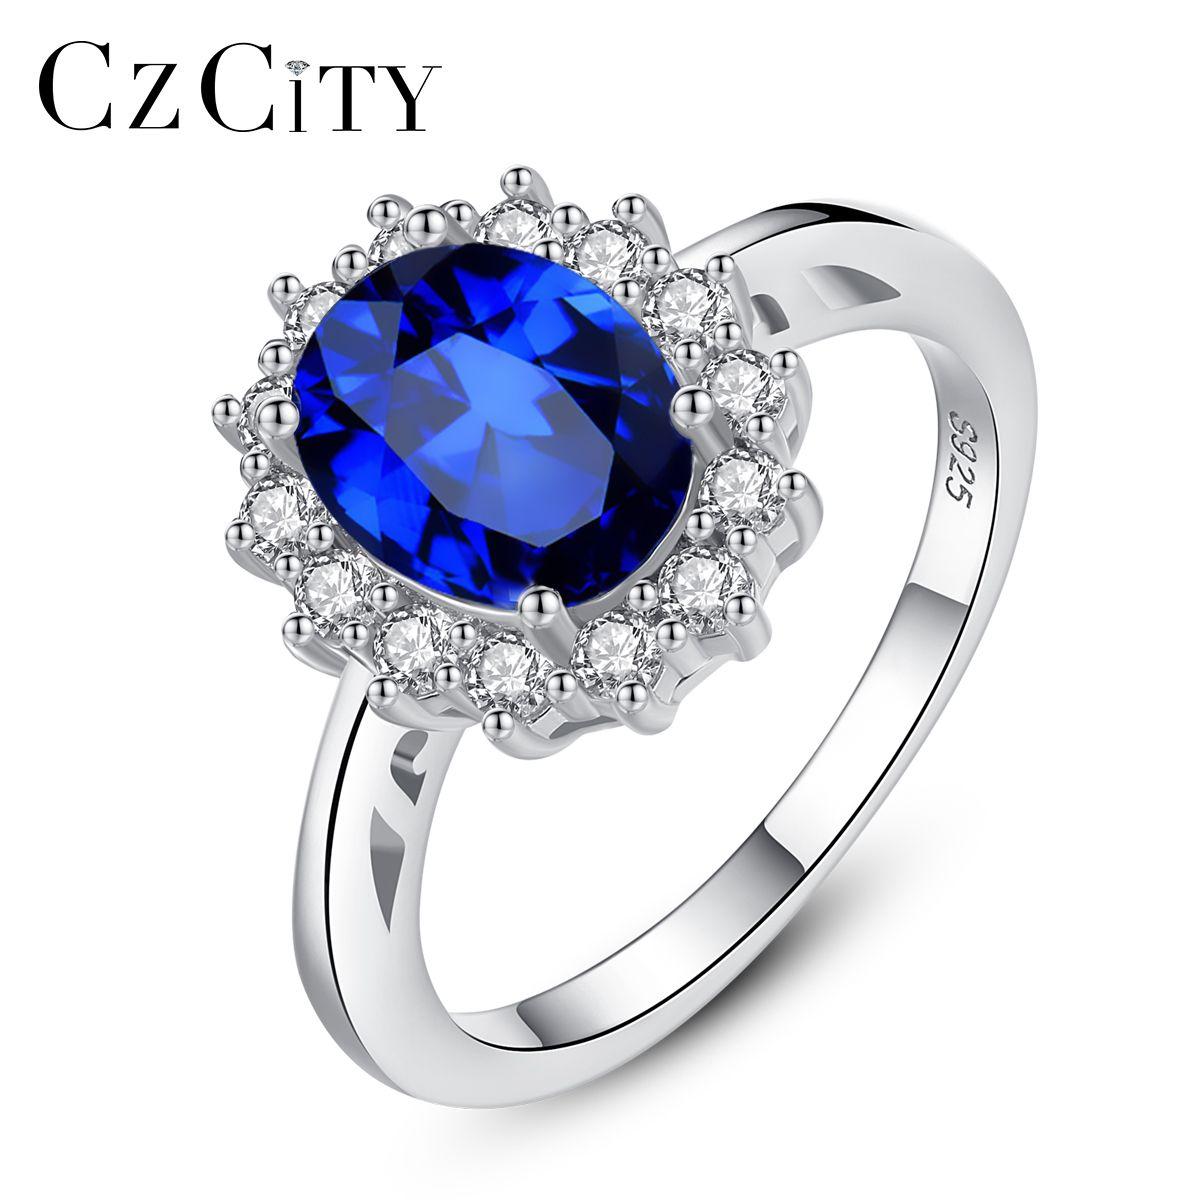 CZCITY princesse Diana William Kate pierres précieuses anneaux saphir bleu de fiançailles de mariage 925 bague en argent Sterling pour les femmes